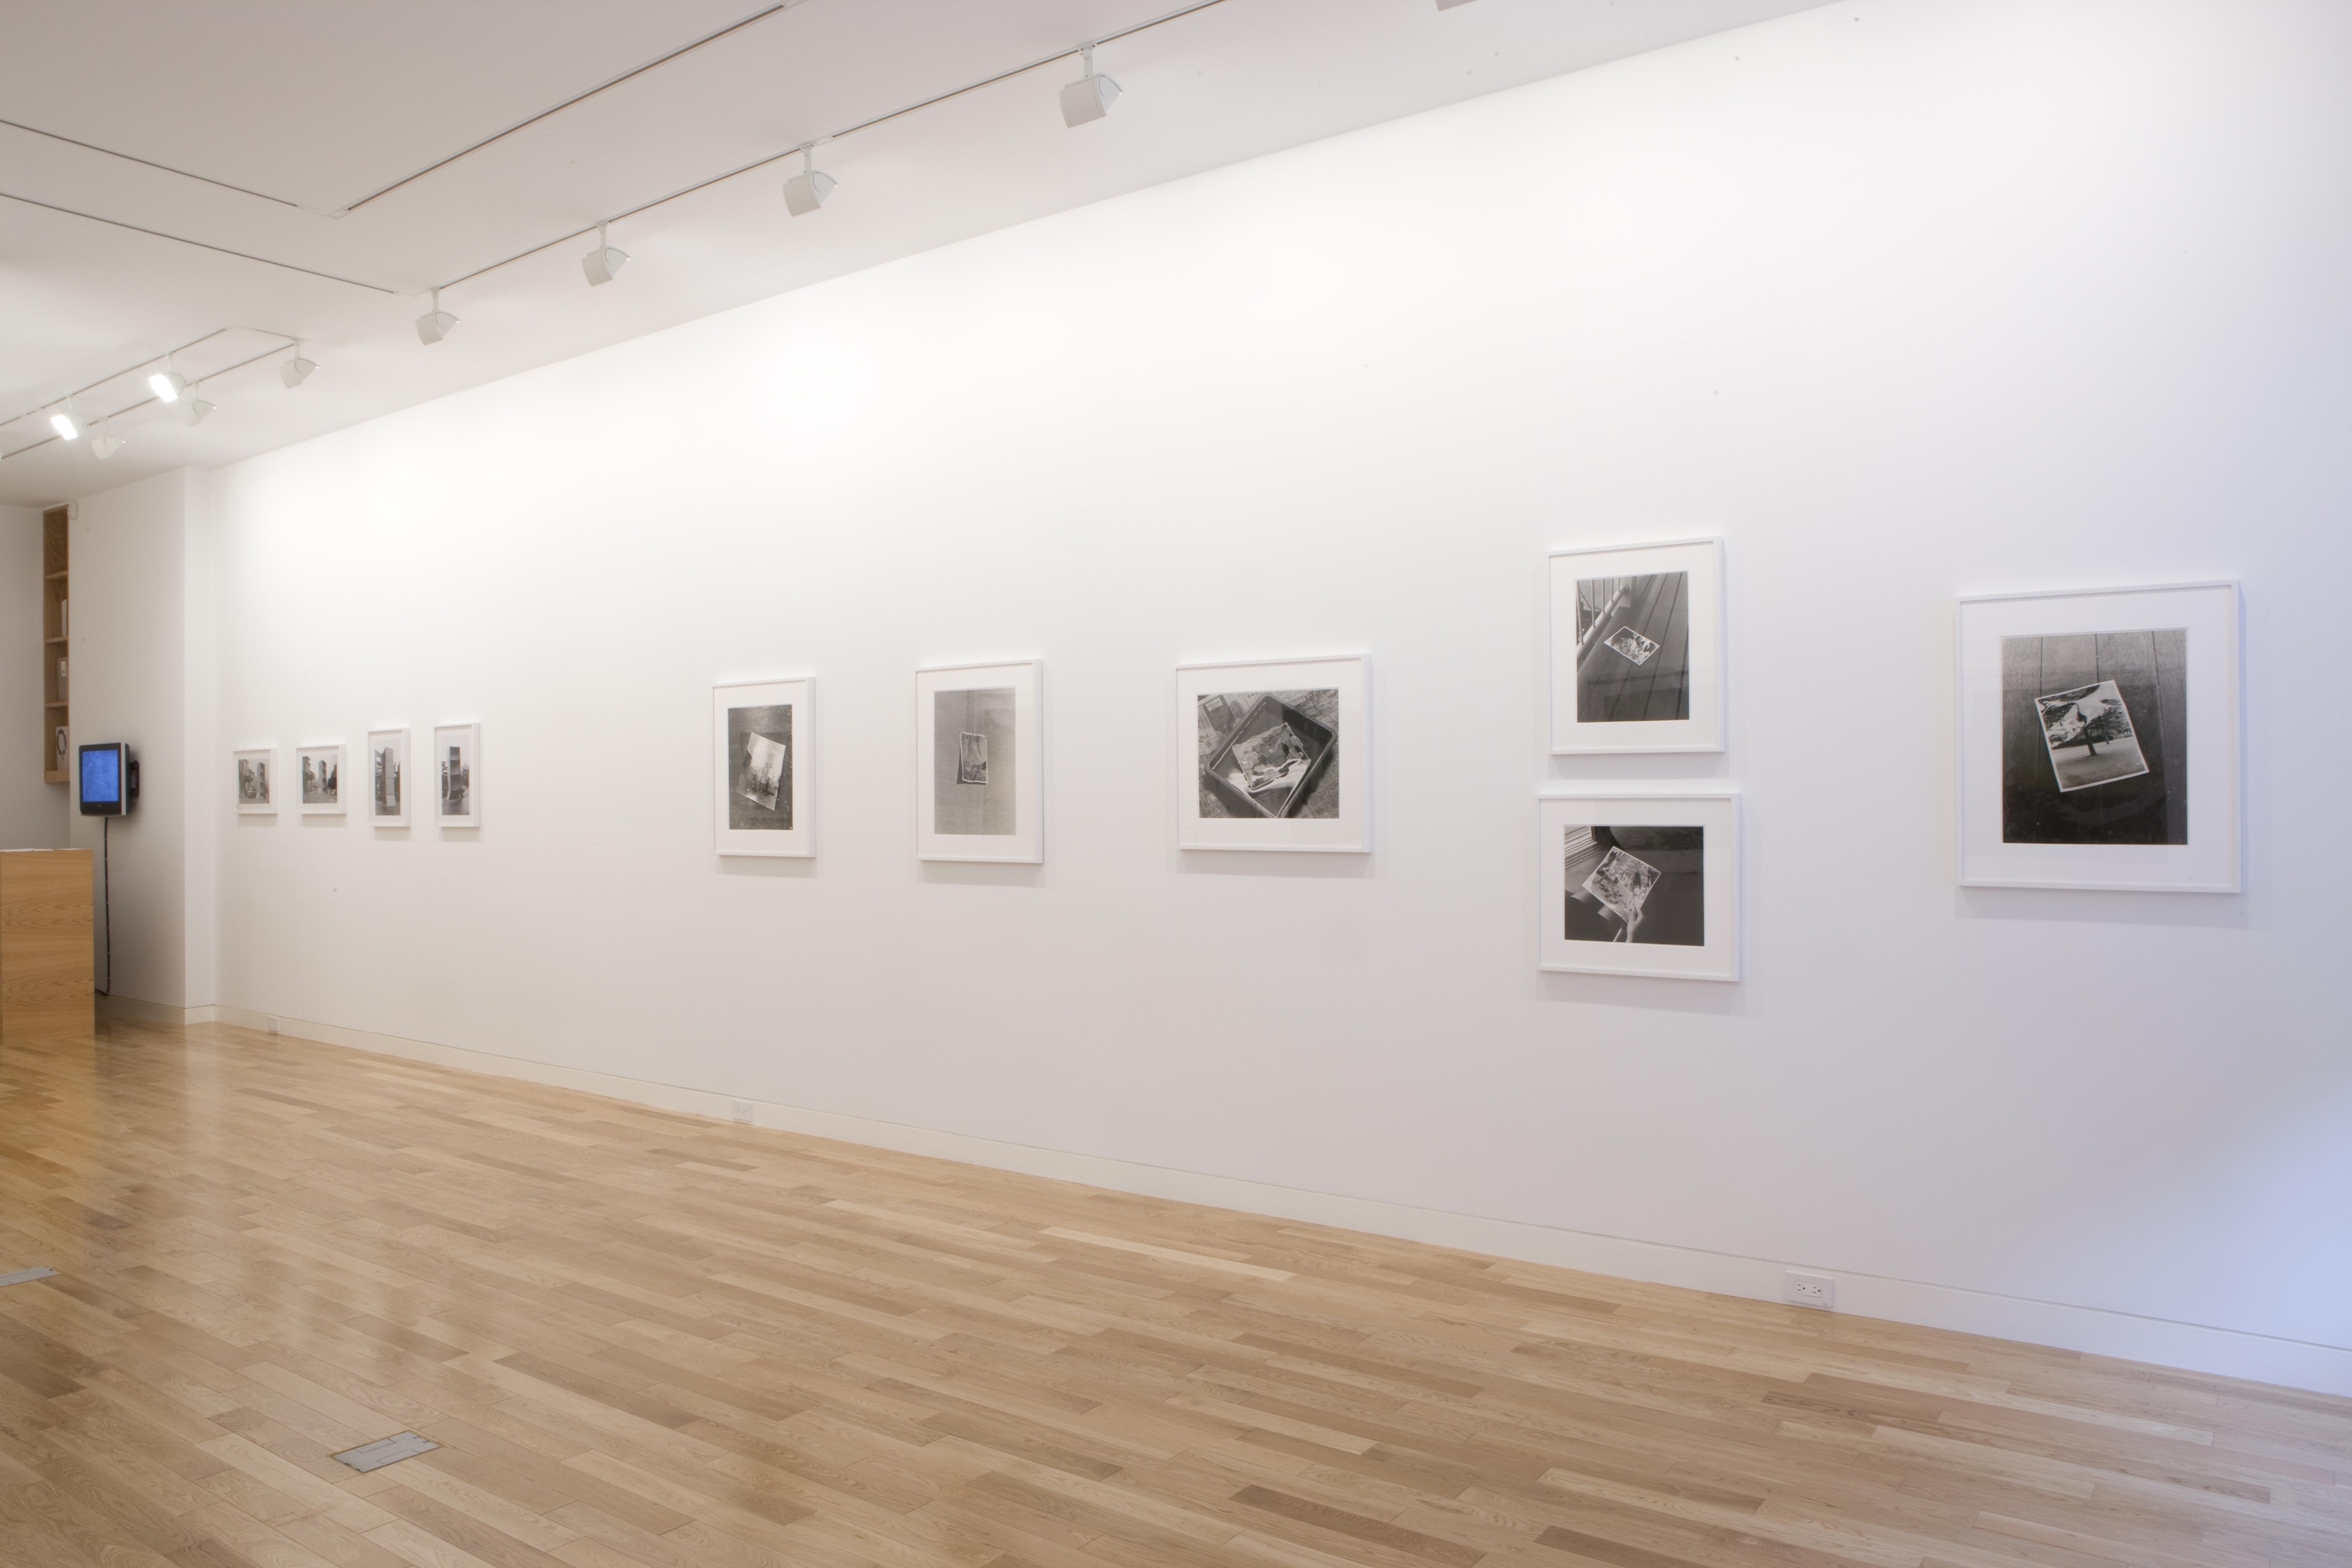 Photograph 4 from Koji Enokura, Hitoshi Nomura, Jiro Takamatsu: Photographs 1968-1979 exhibition.